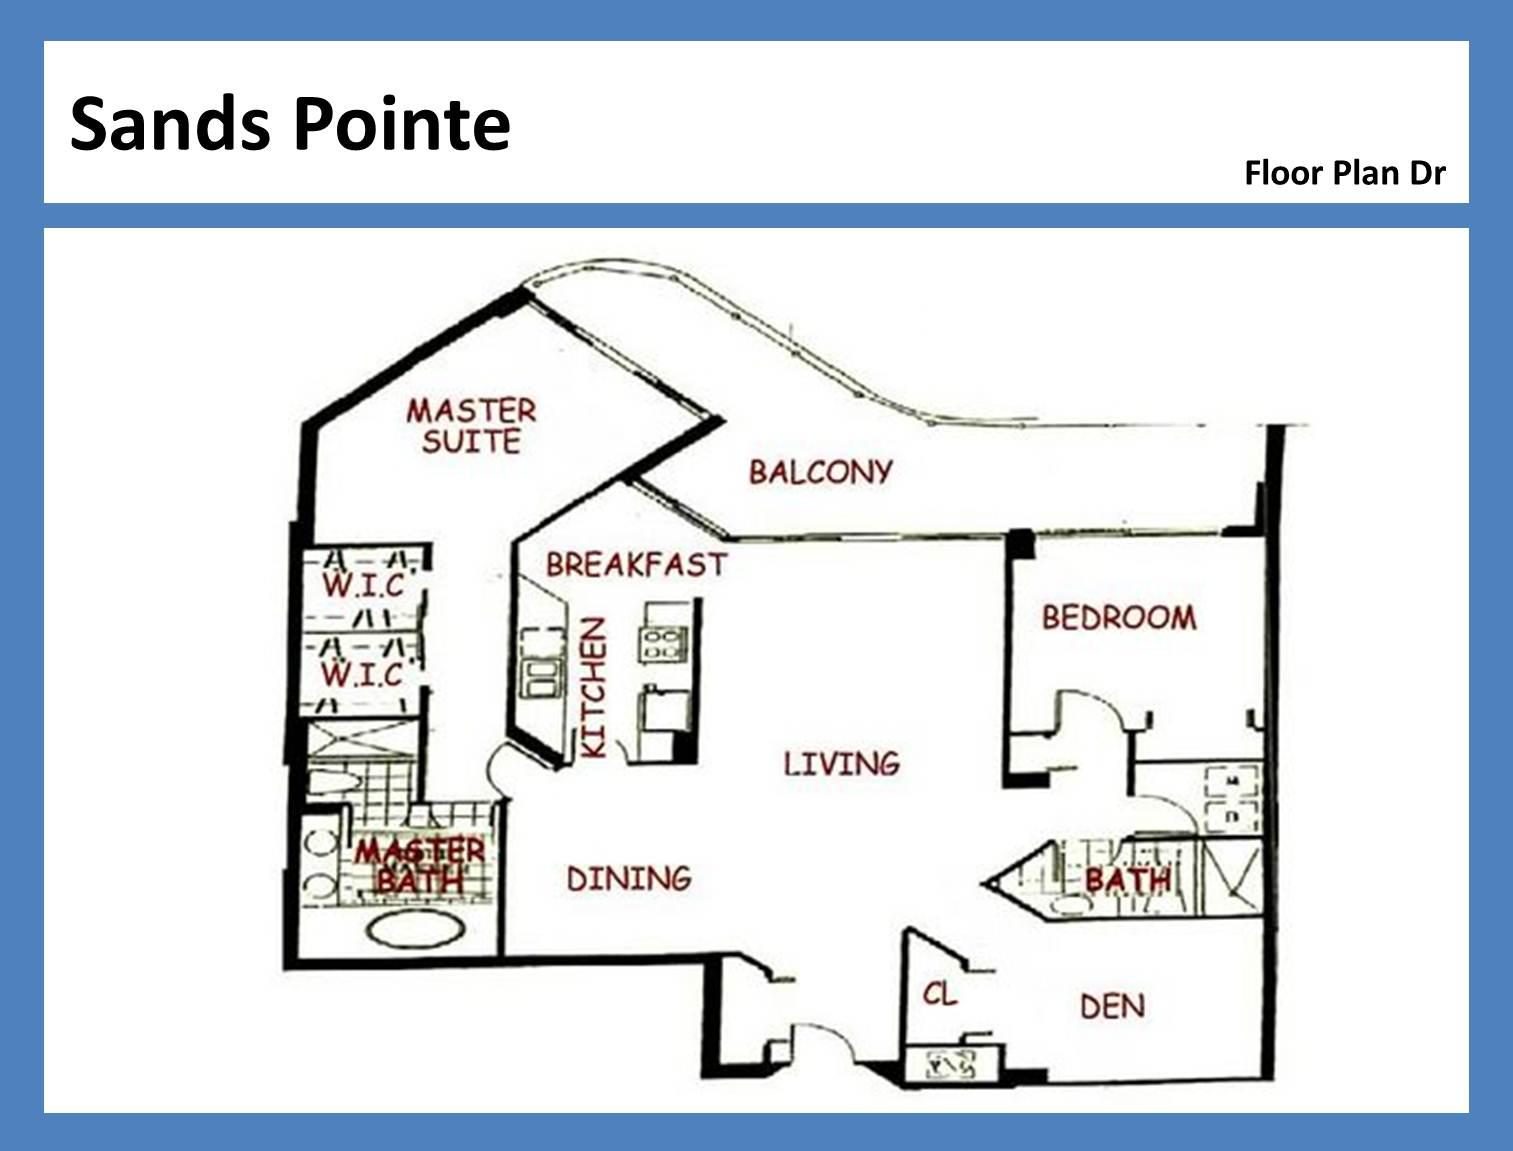 Sands Pointe - Floorplan 7